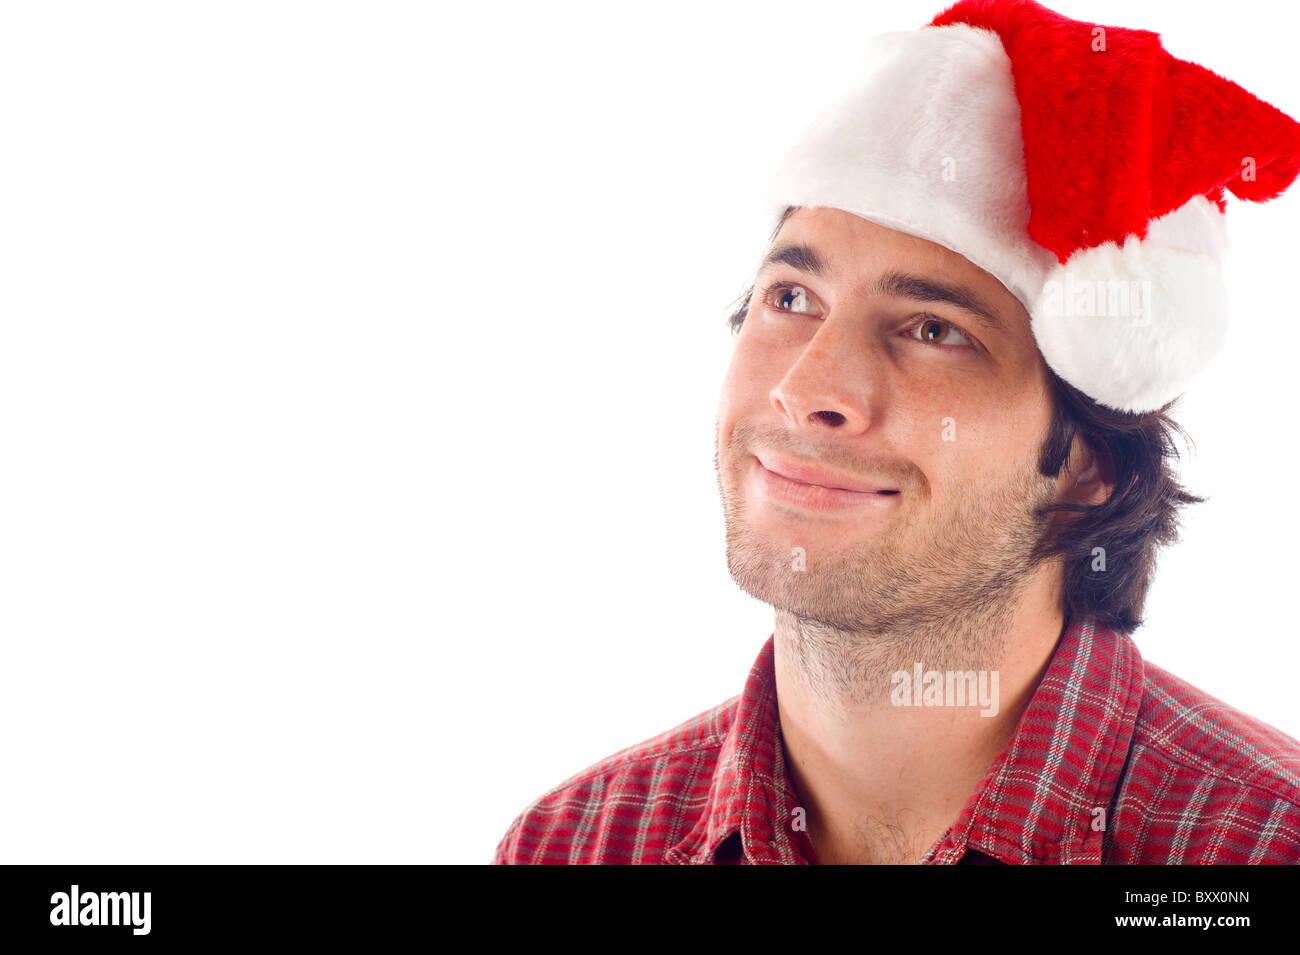 Uomo sorridente con il Natale Red Hat guarda pensieroso -isolate su uno sfondo bianco Immagini Stock